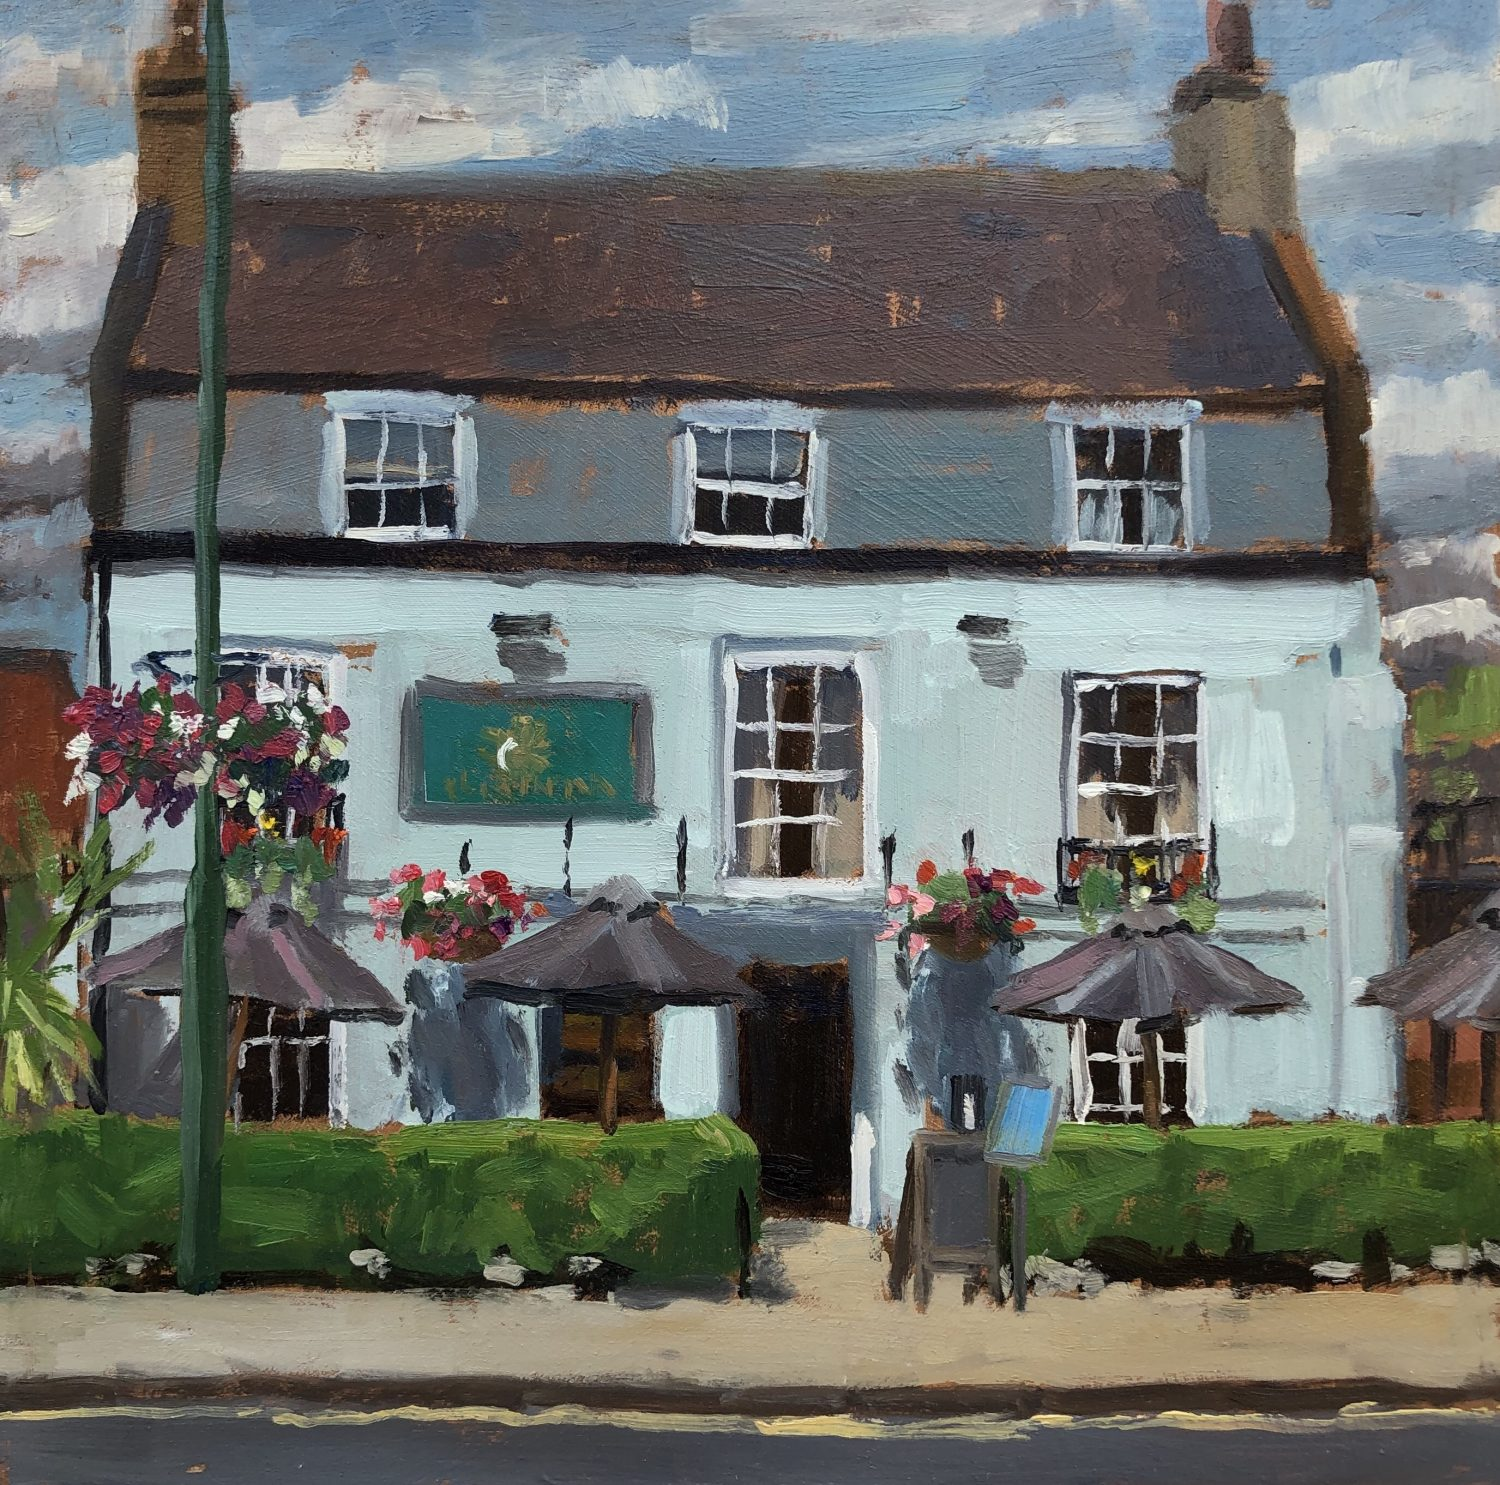 The Sun Inn, Barnes by Lesley Dabson